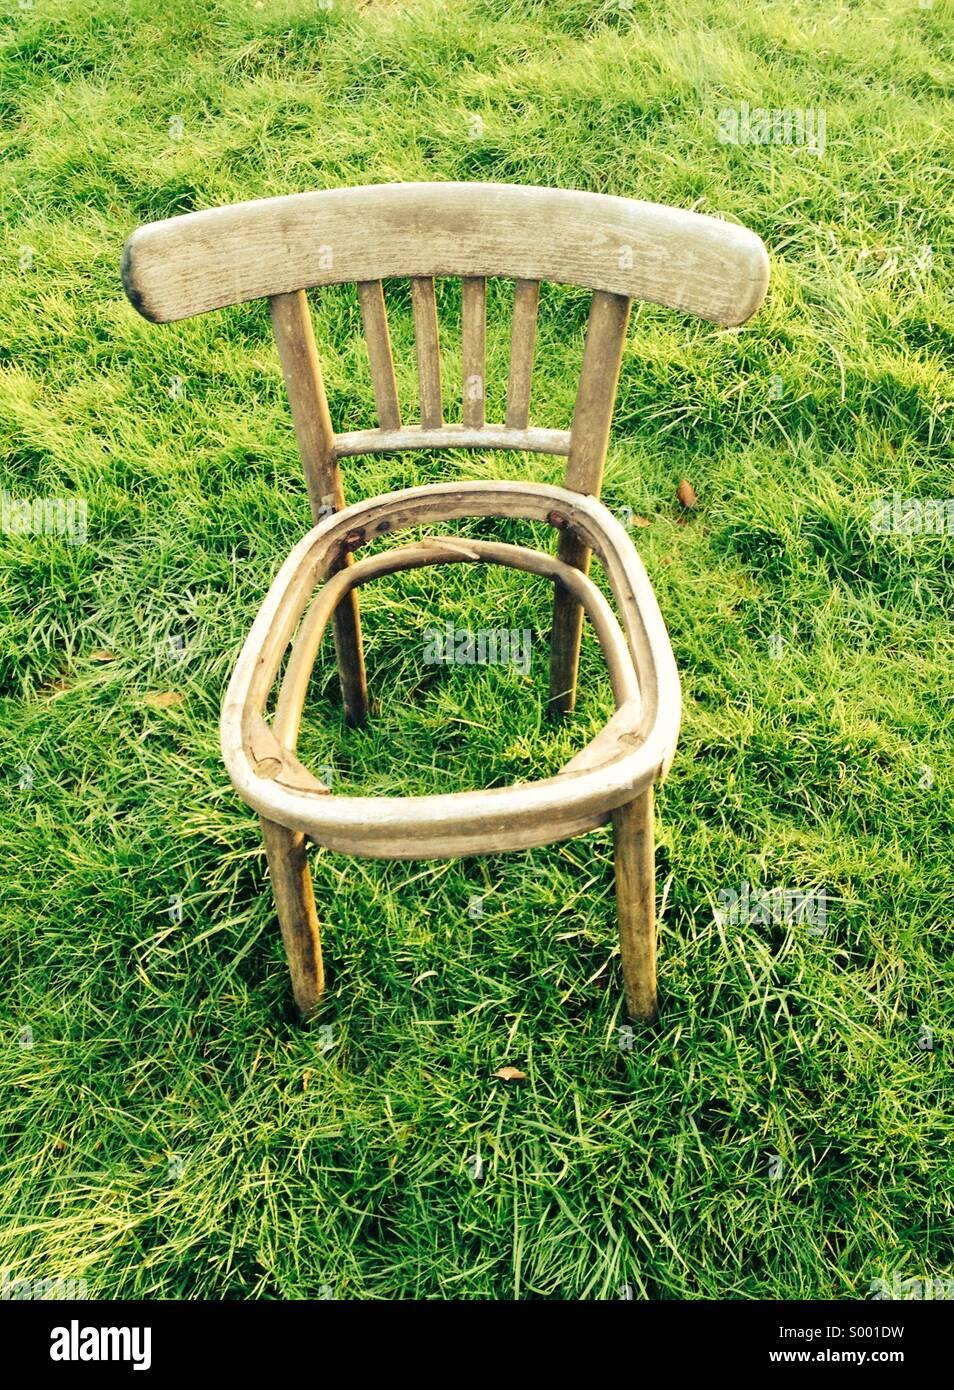 Sedia vuota, ridondante sedia in legno con sedile mancante Immagini Stock